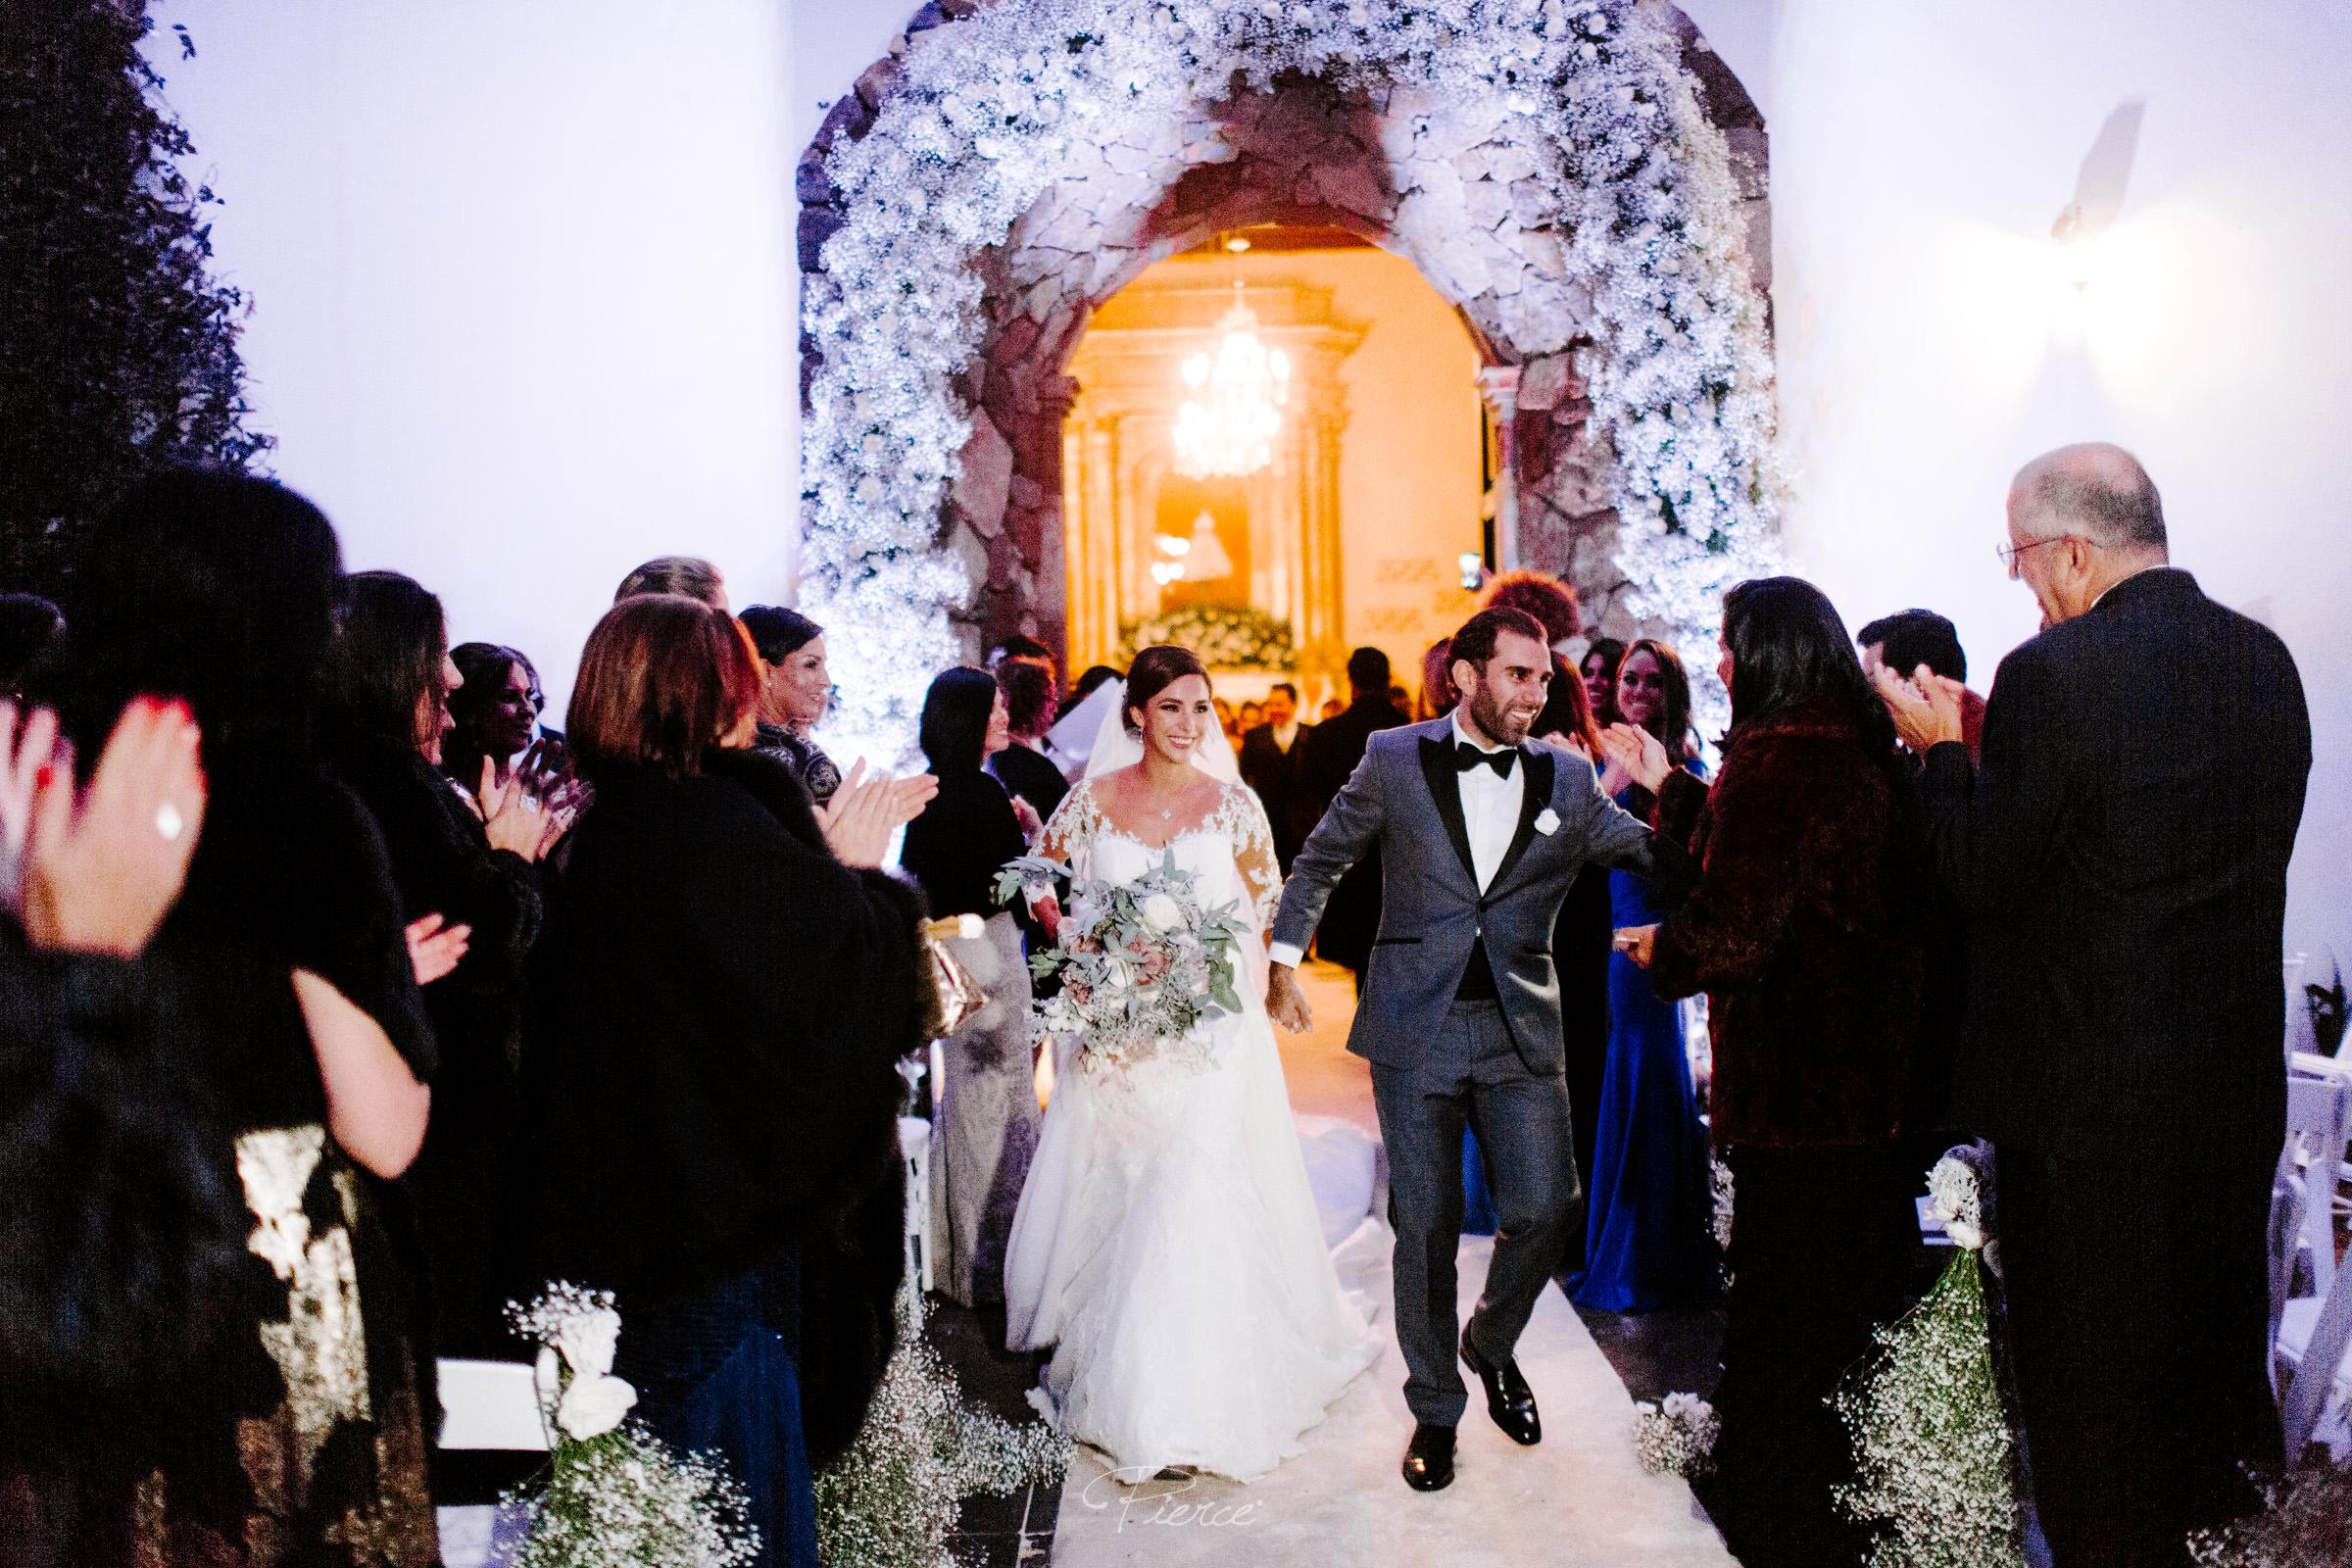 fotografia-de-boda-valle-de-bravo-mexico-rosmarino-pierce-weddings-0113.JPG